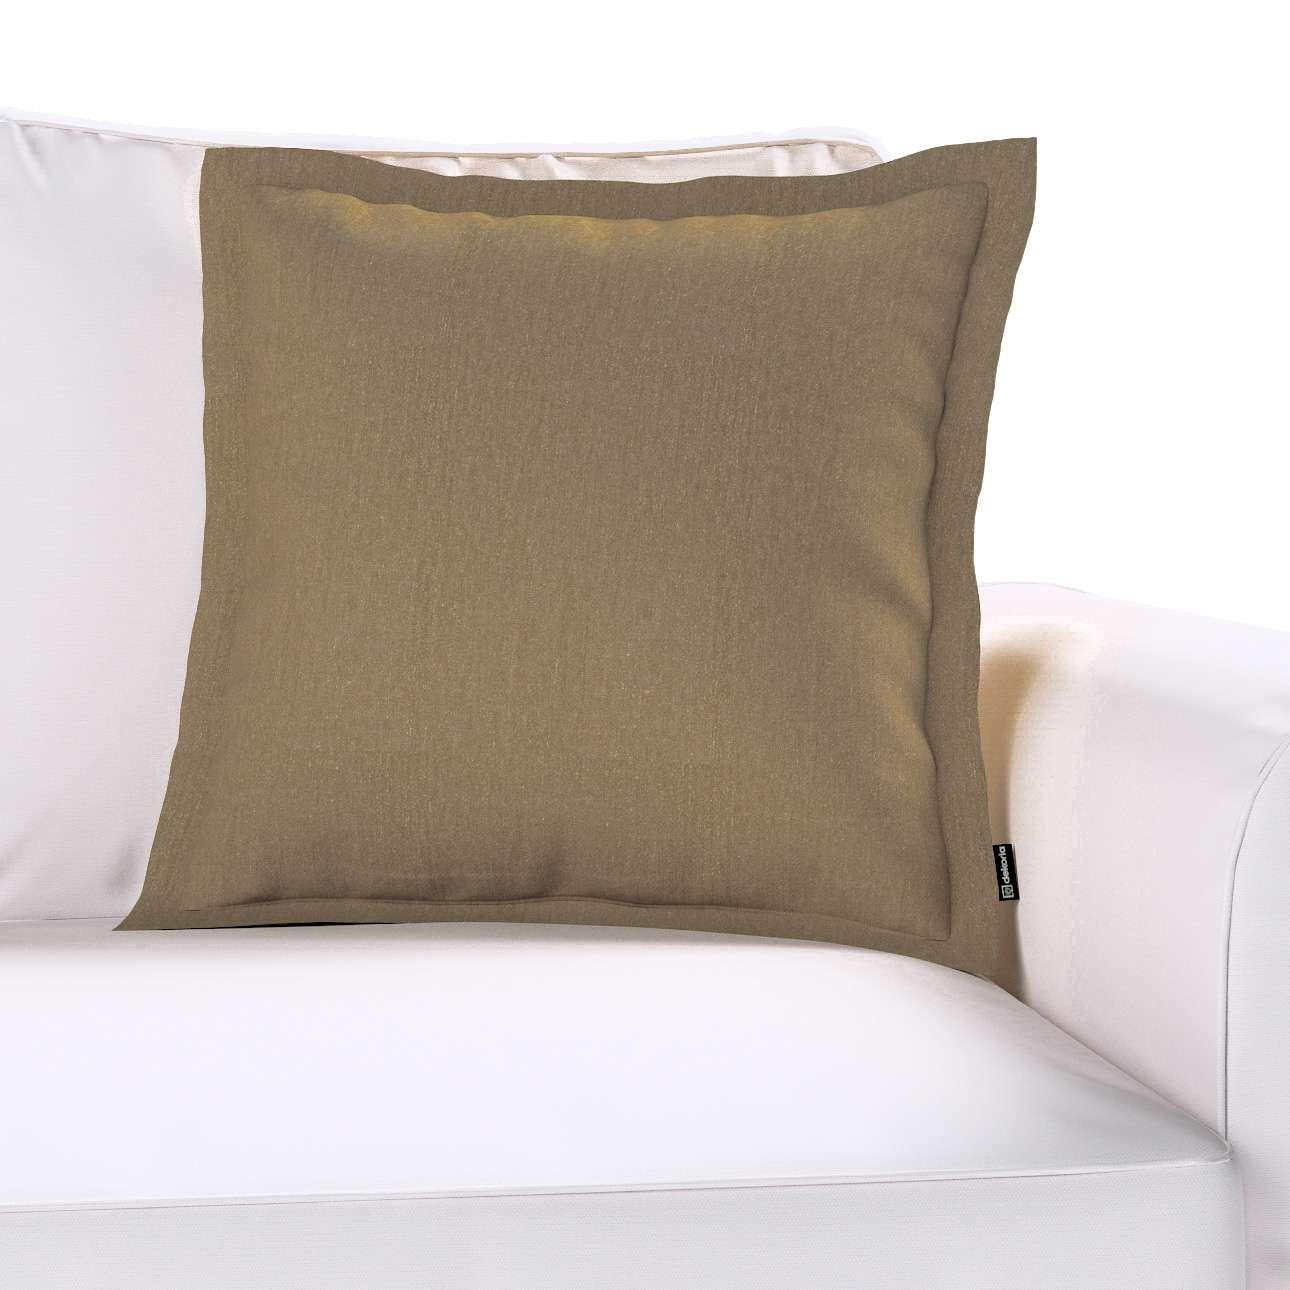 Mona dekoratyvinių pagalvėlių užvalkalas su sienele kolekcijoje Chenille, audinys: 702-21